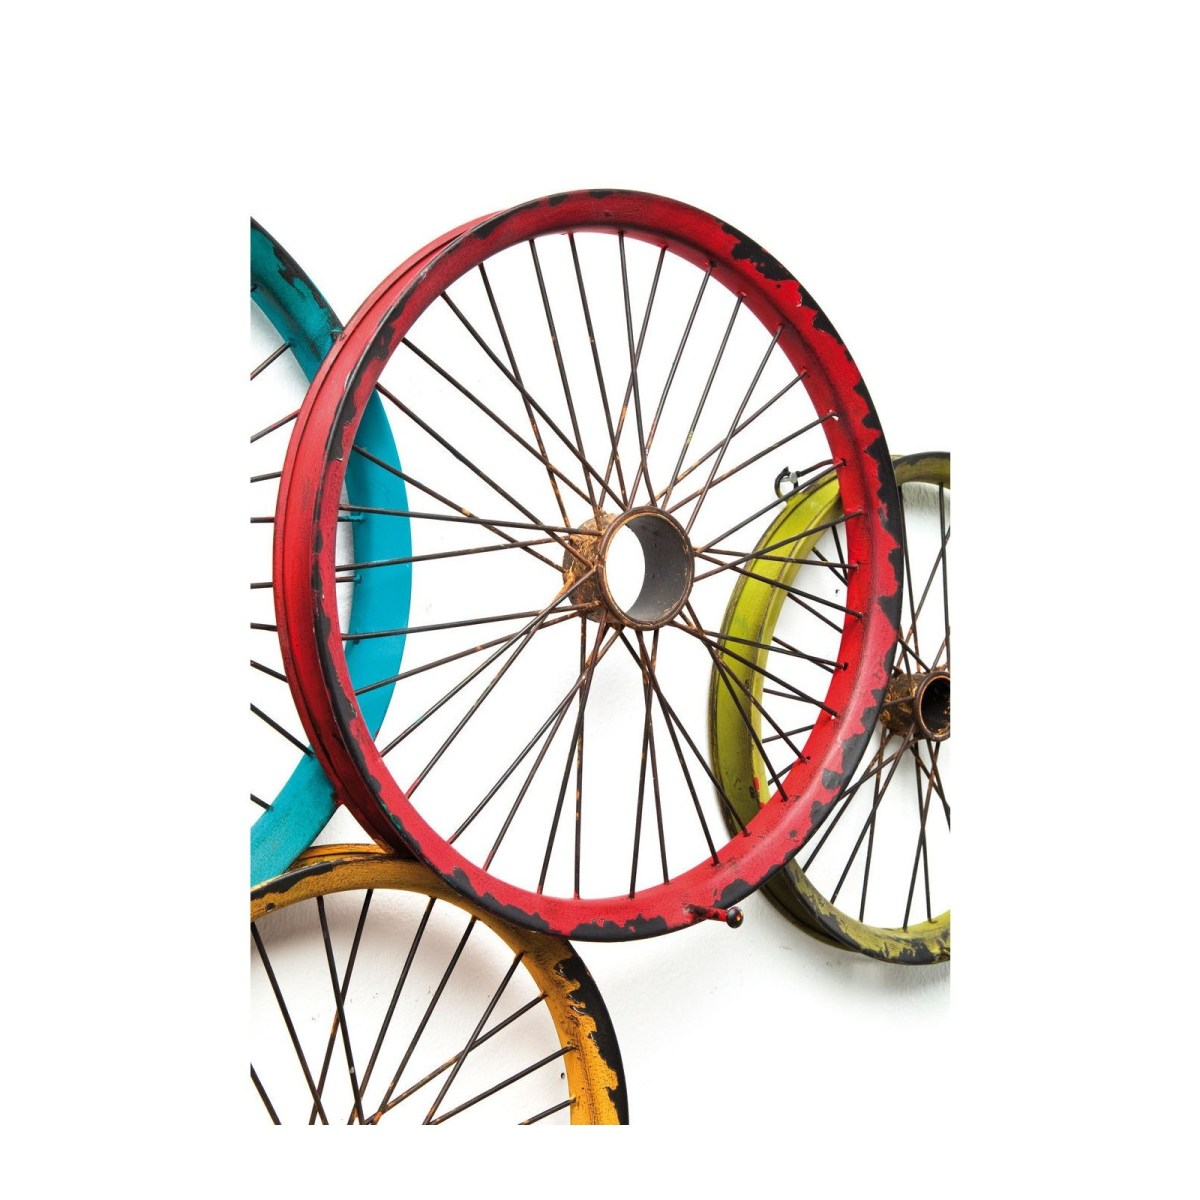 Soldes Kare Design Maison > Petit rangement > Porte-manteau, patère Portemanteau mural Wagon Wheels Kare Design